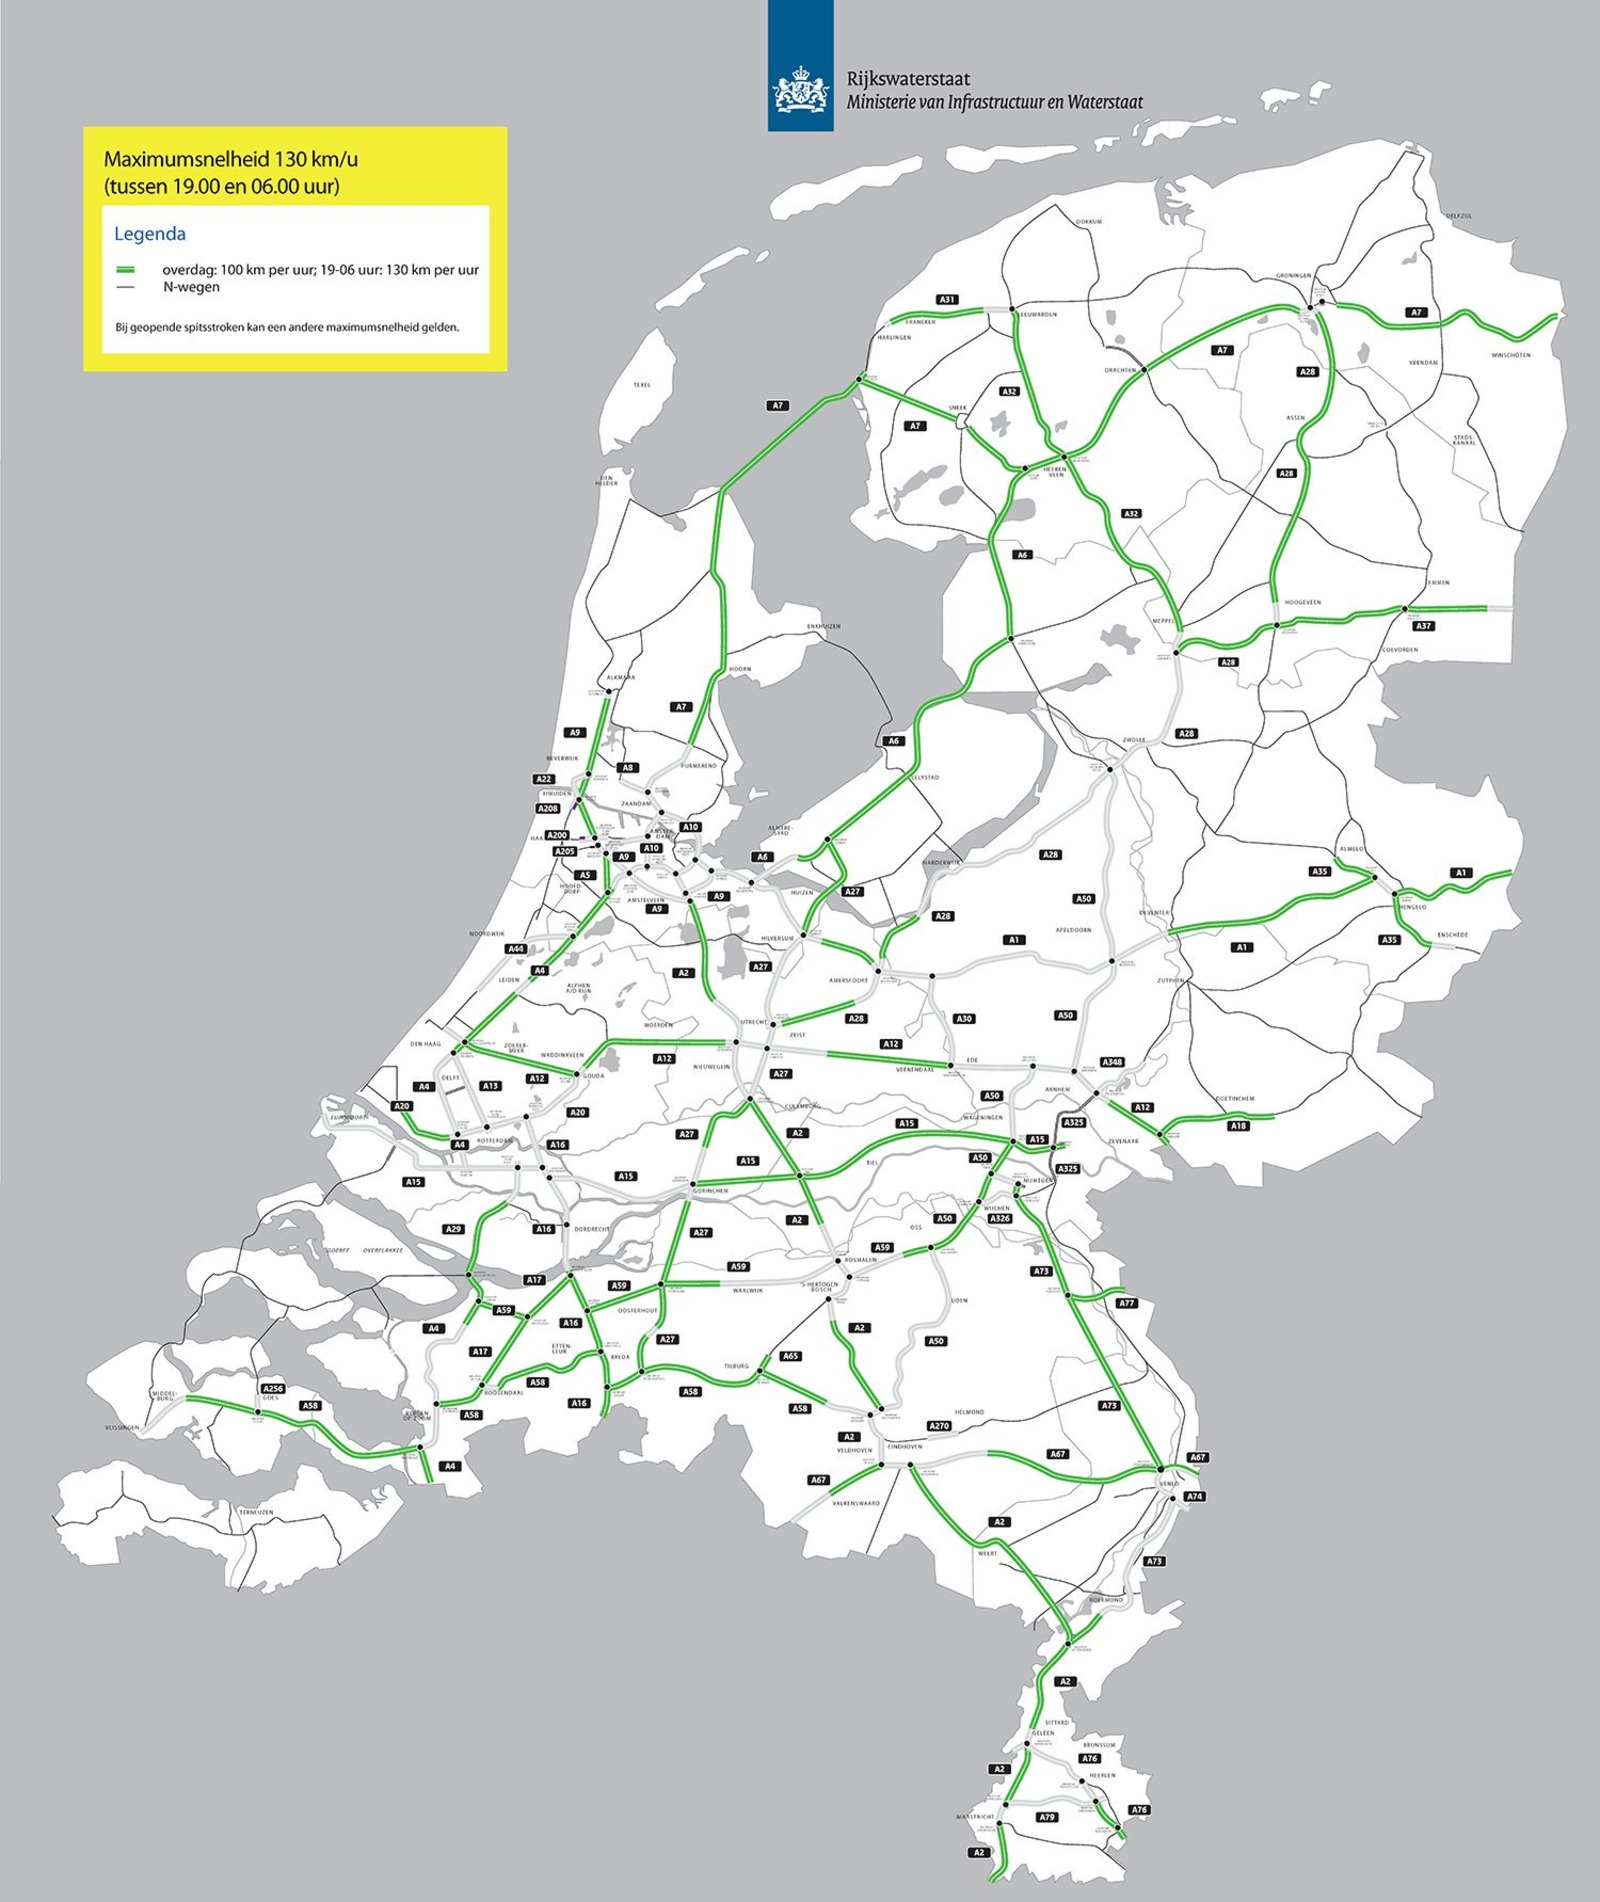 Дороги с разрешённой скоростью 130 км/ч в ночное время. Источник: Rijkswaterstaat.